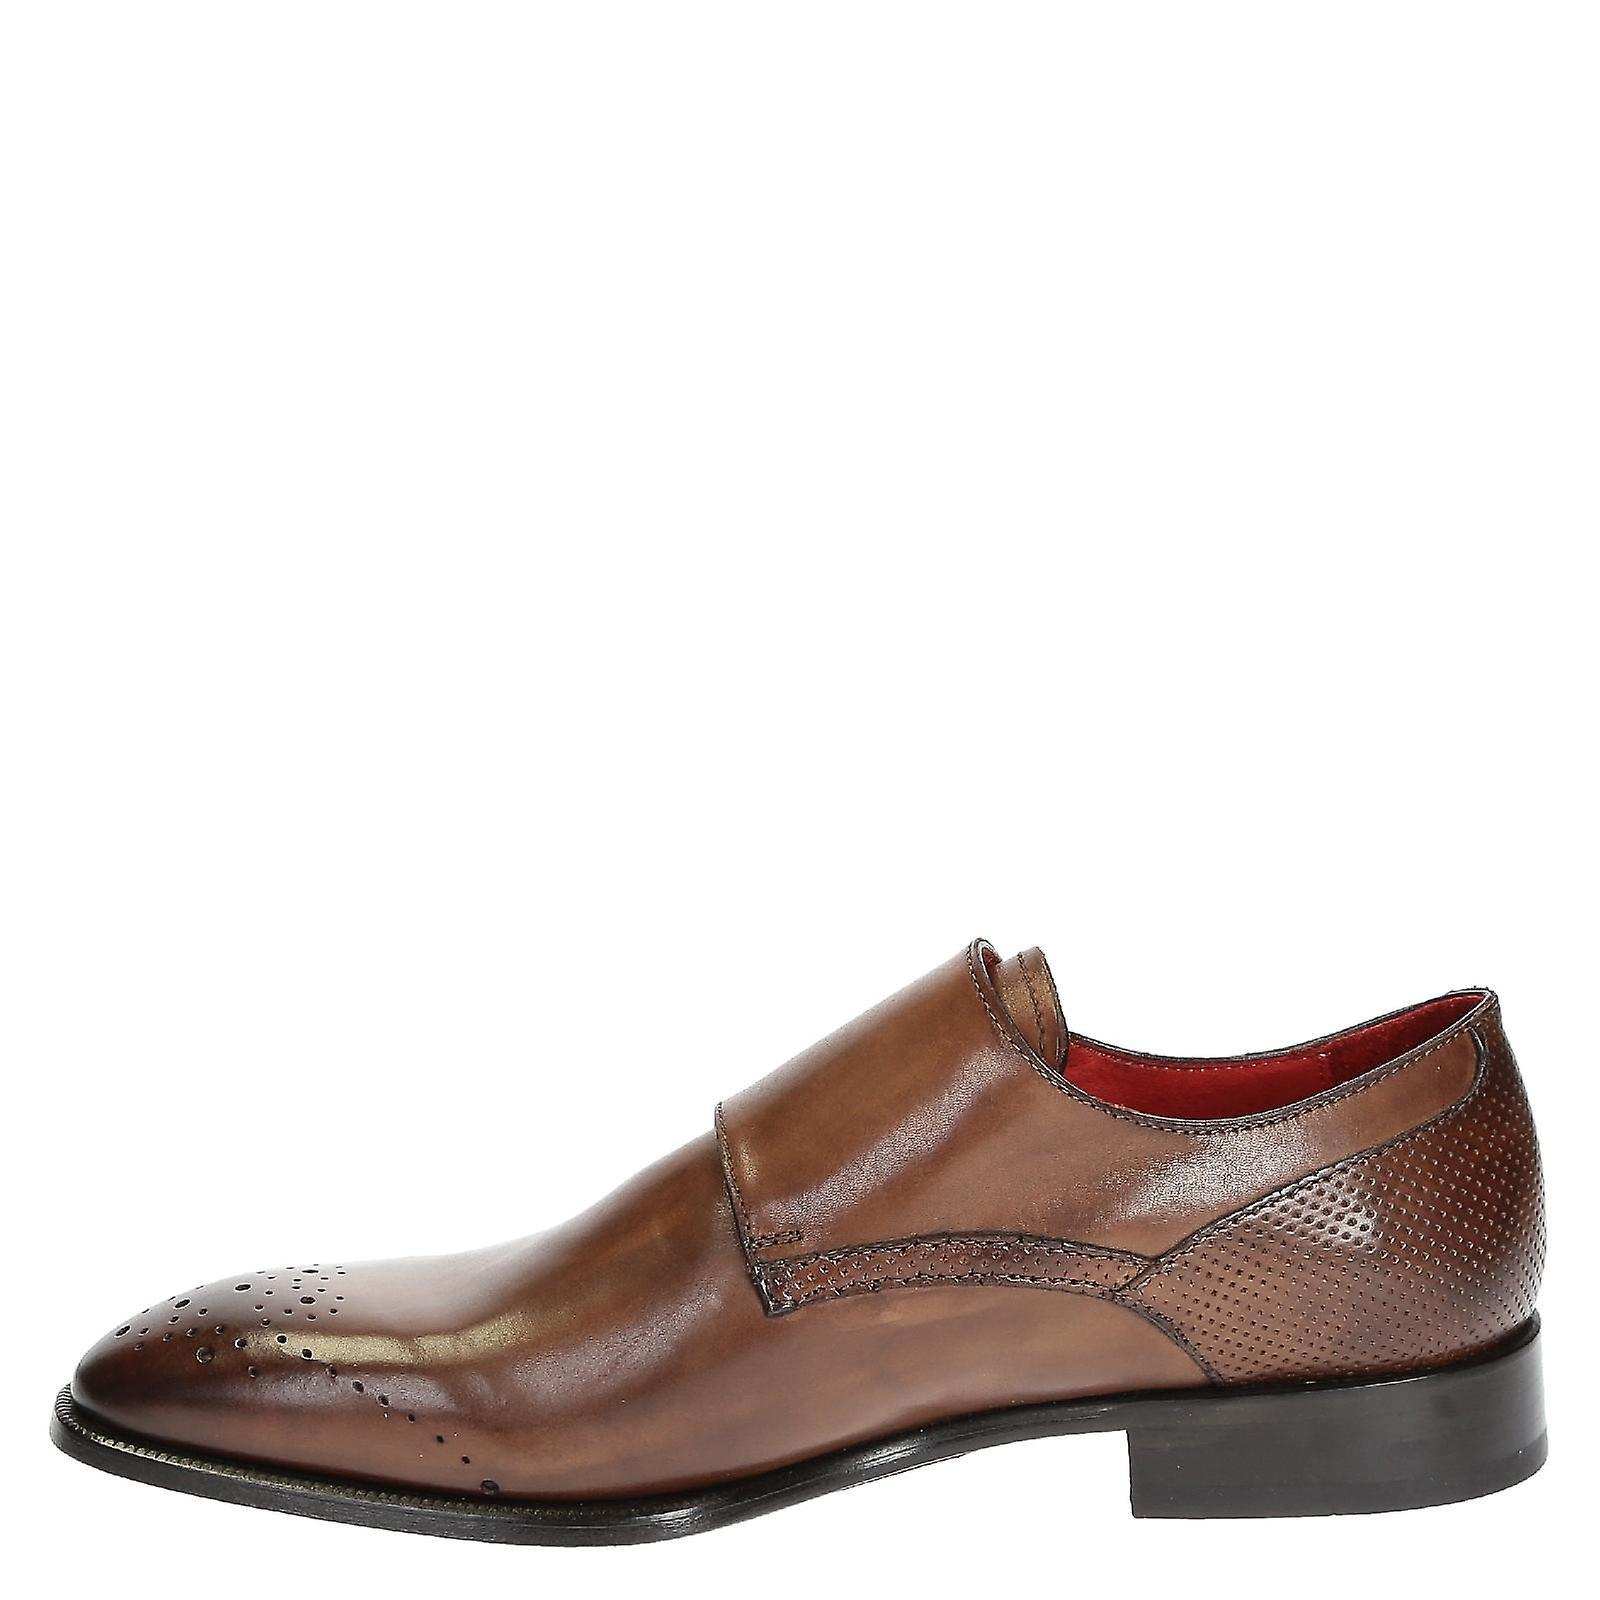 gli uomini a doppio monk cinghia scarpe in brandy brandy brandy colore   Outlet    Export    Maschio/Ragazze Scarpa    Uomo/Donne Scarpa  f23dd2